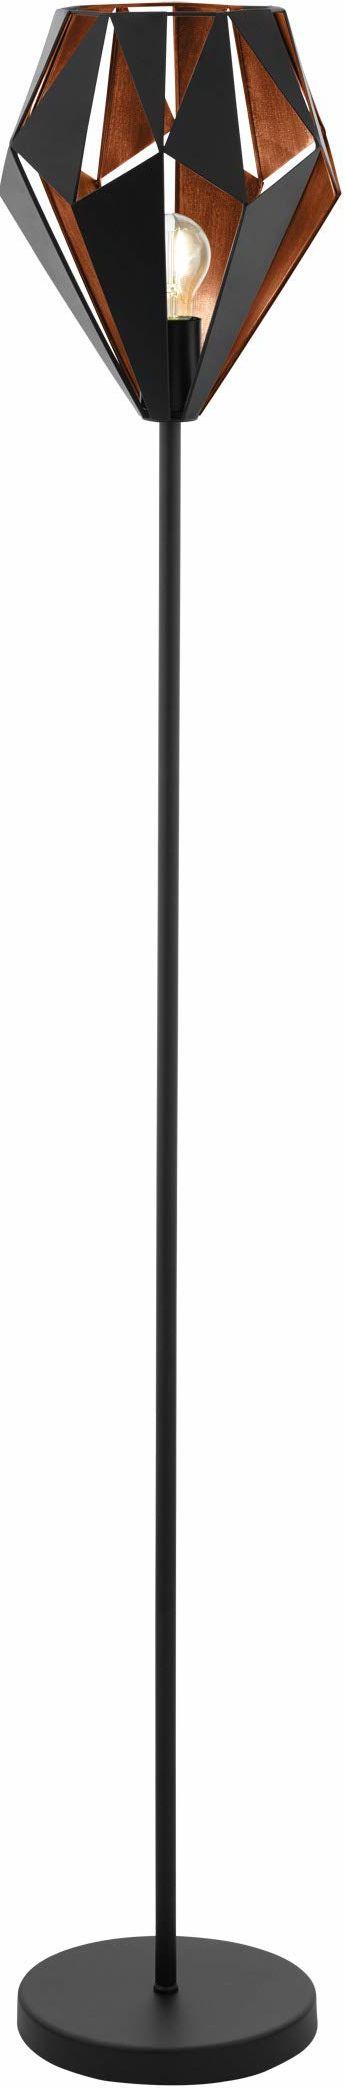 EGLO lampa podłogowa Carlton 1, 1-płomienna lampa stojąca vintage, stalowa lampa podłogowa retro, kolor: czarny i miedziany, oprawka: E27